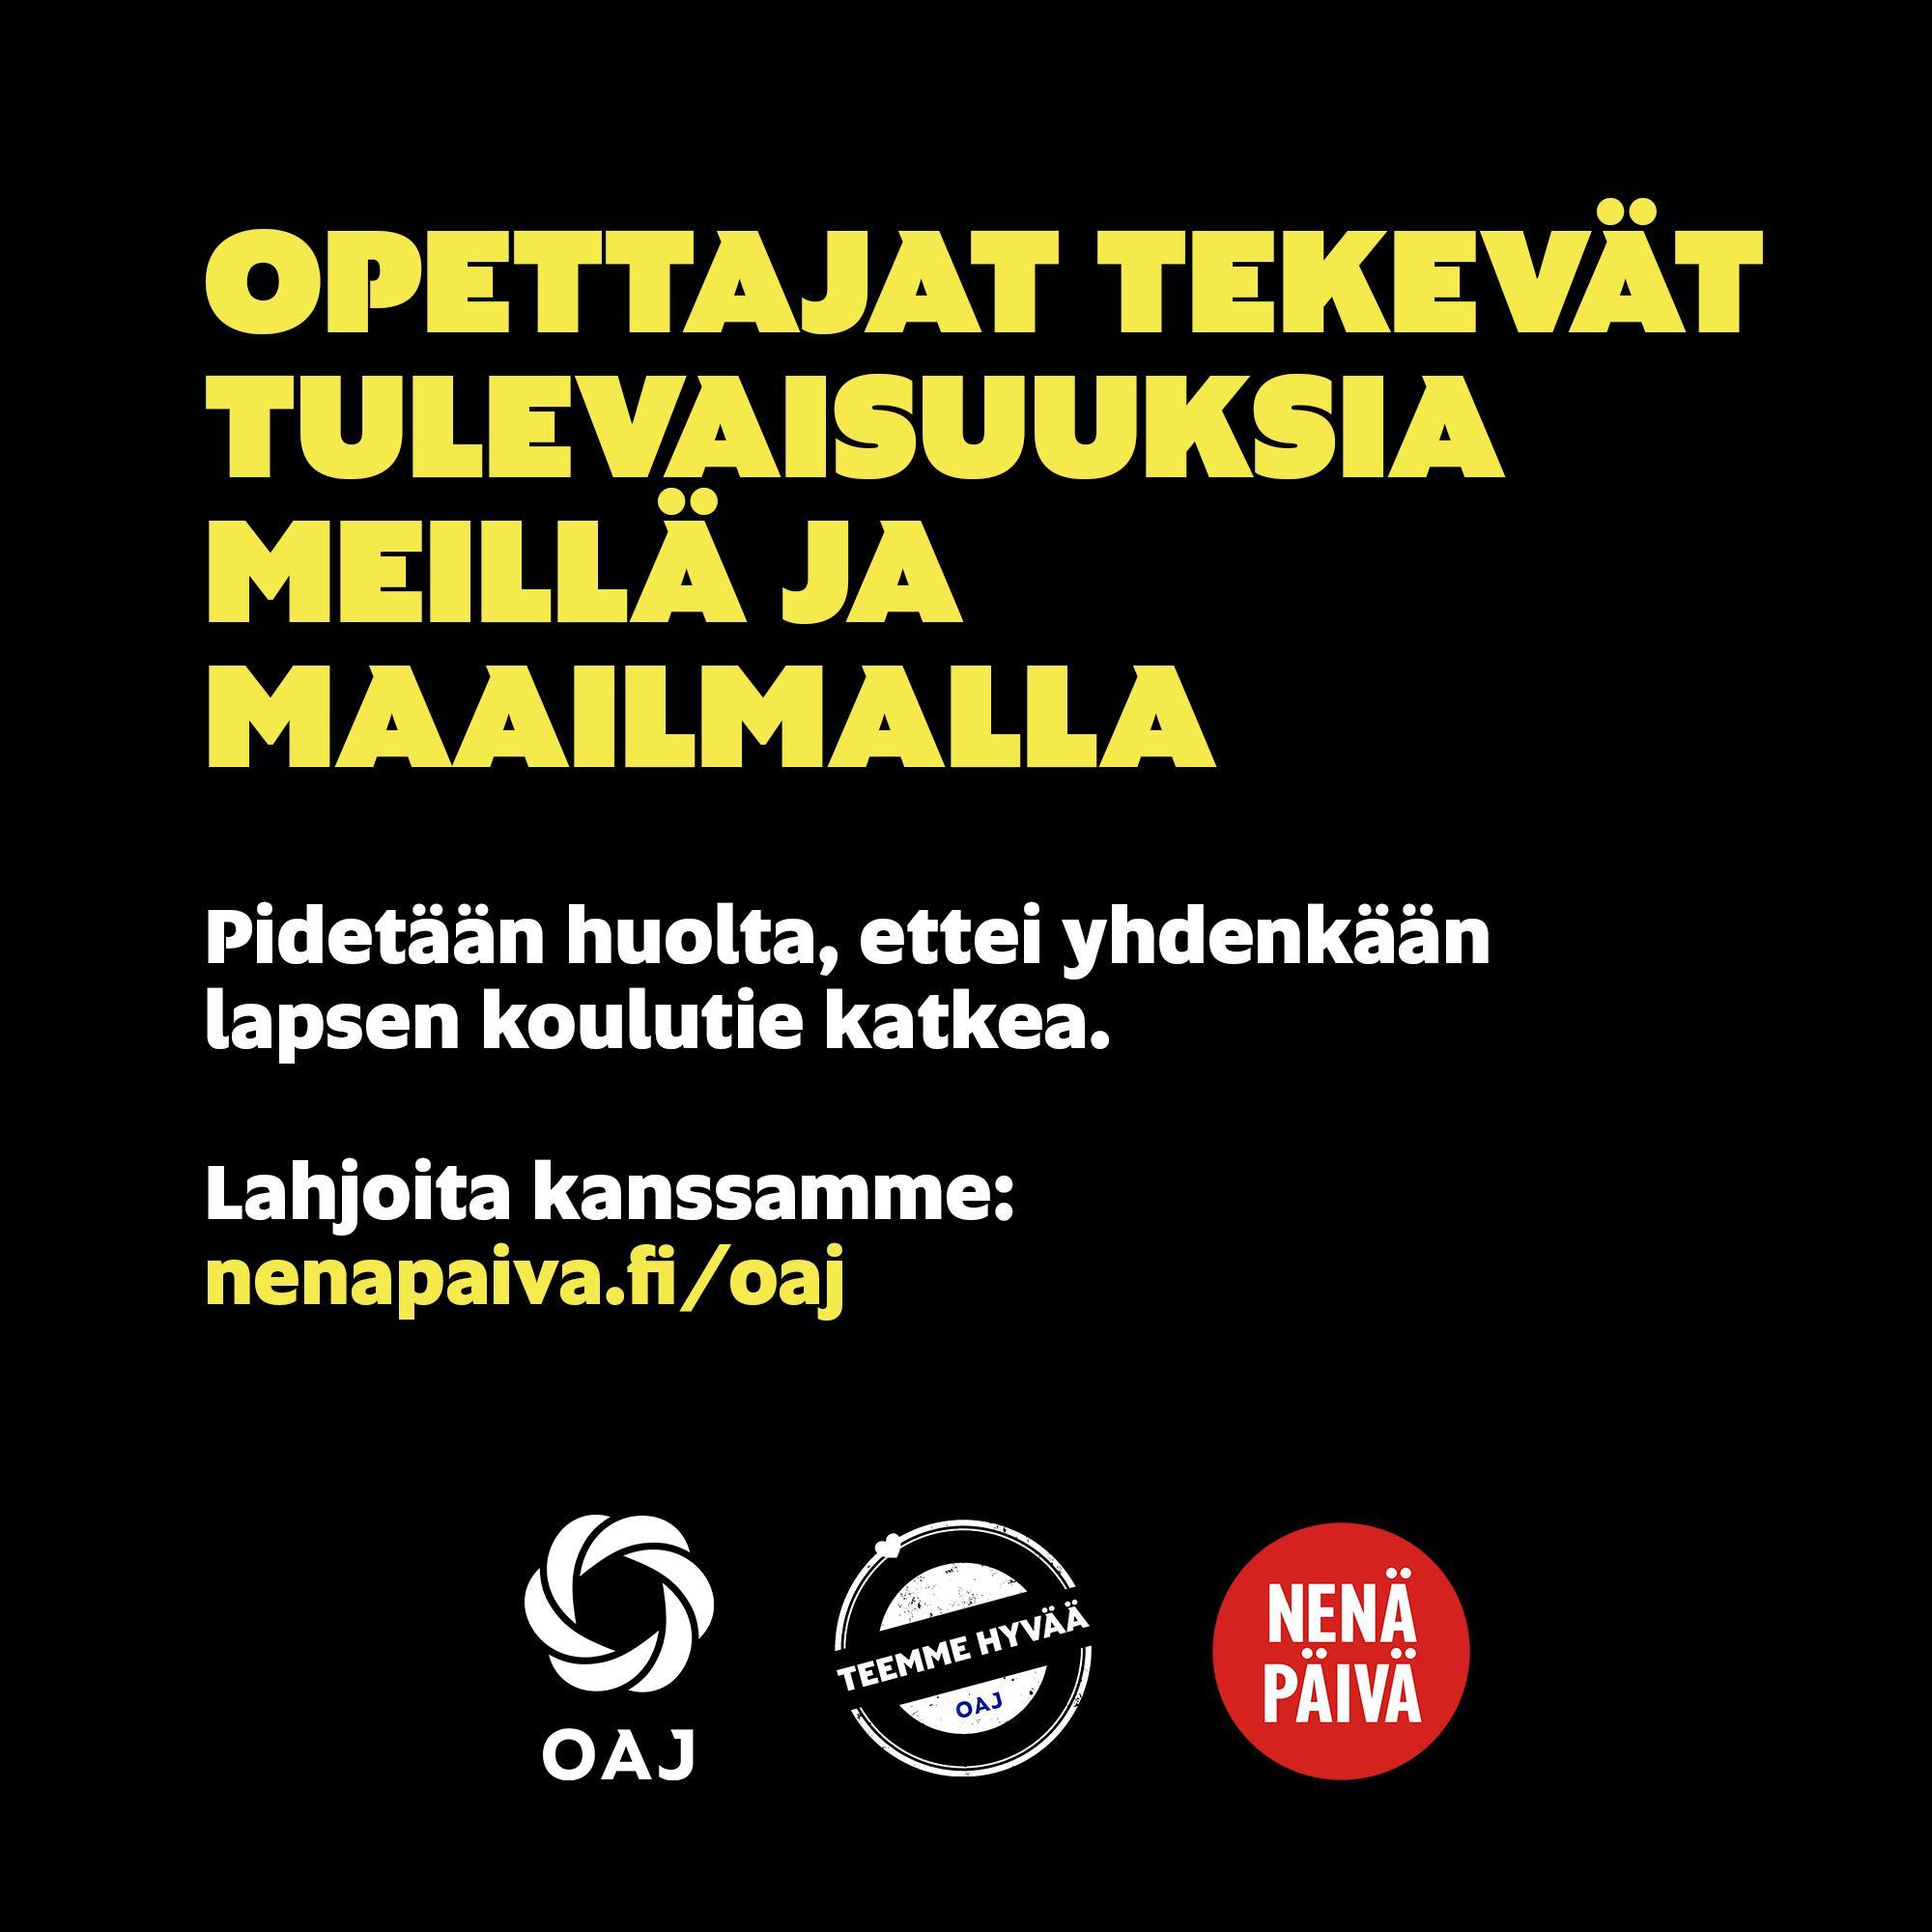 OAJ-Nenäpäivä-lahjoita-2000x2000-1.jpg